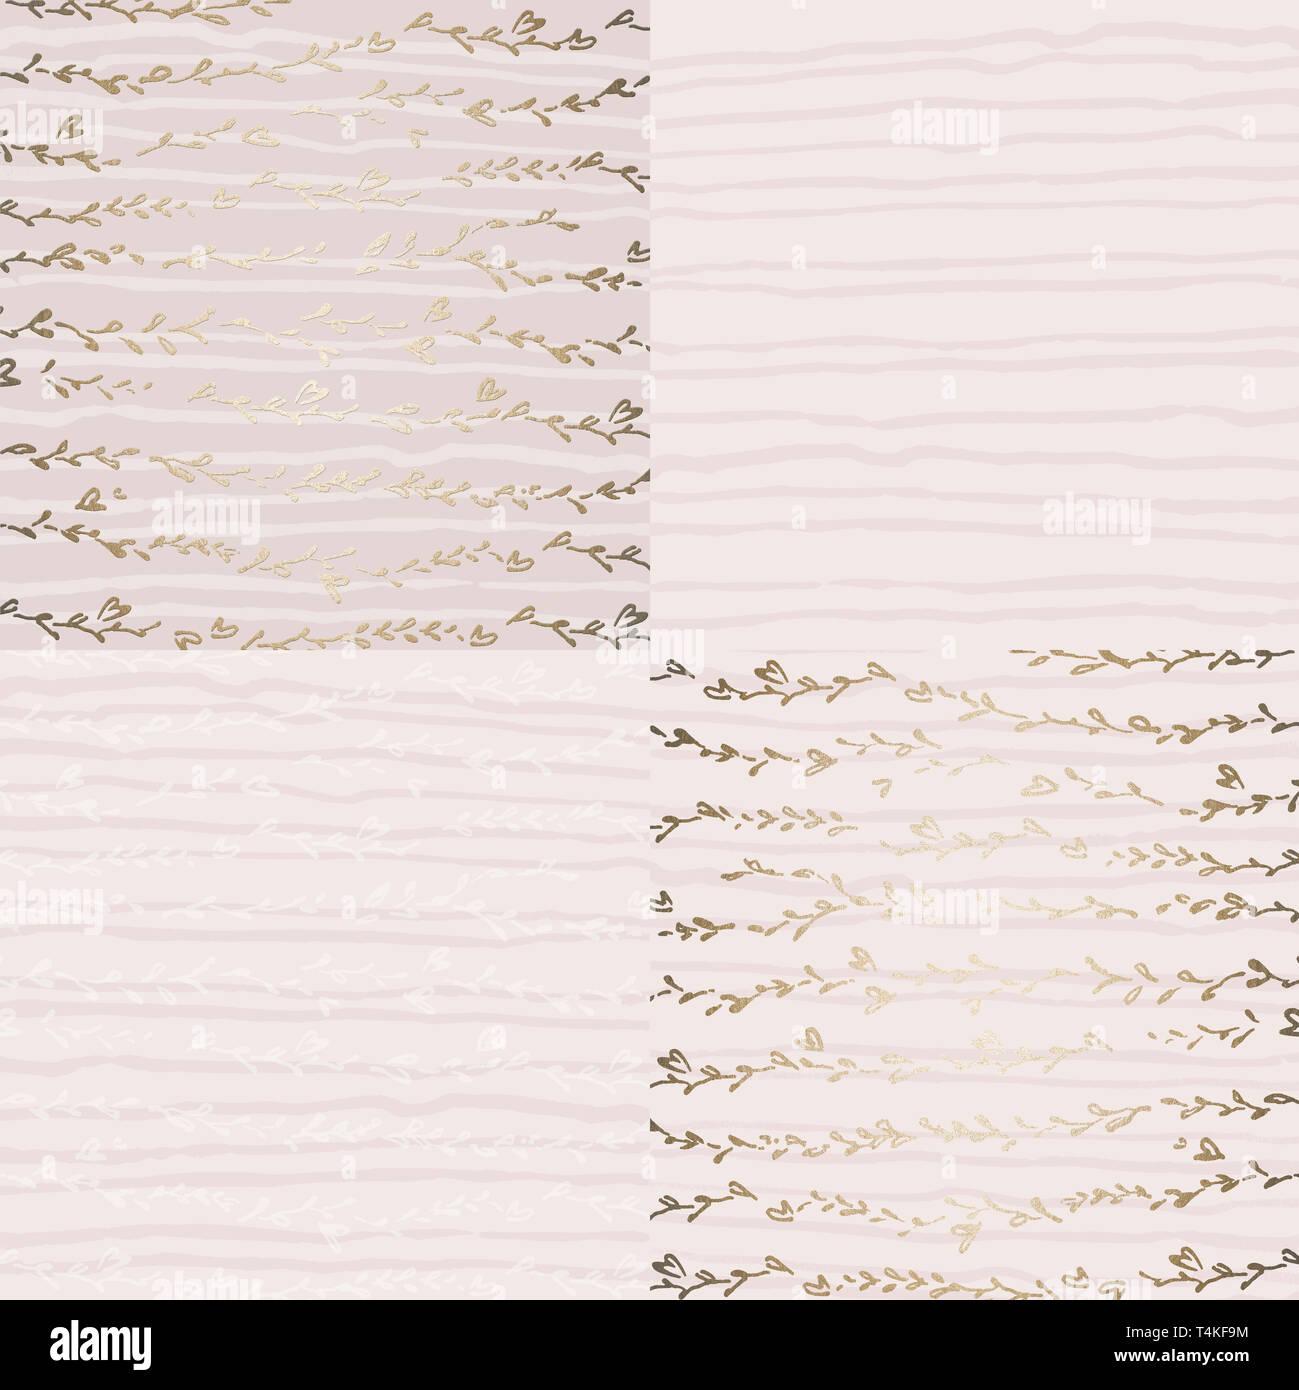 Les modèles de luxe avec feuille d'or. Éléments d'or feuille décor de lignes. Fond clair. Set de textures. Impression de haute qualité. Banque D'Images